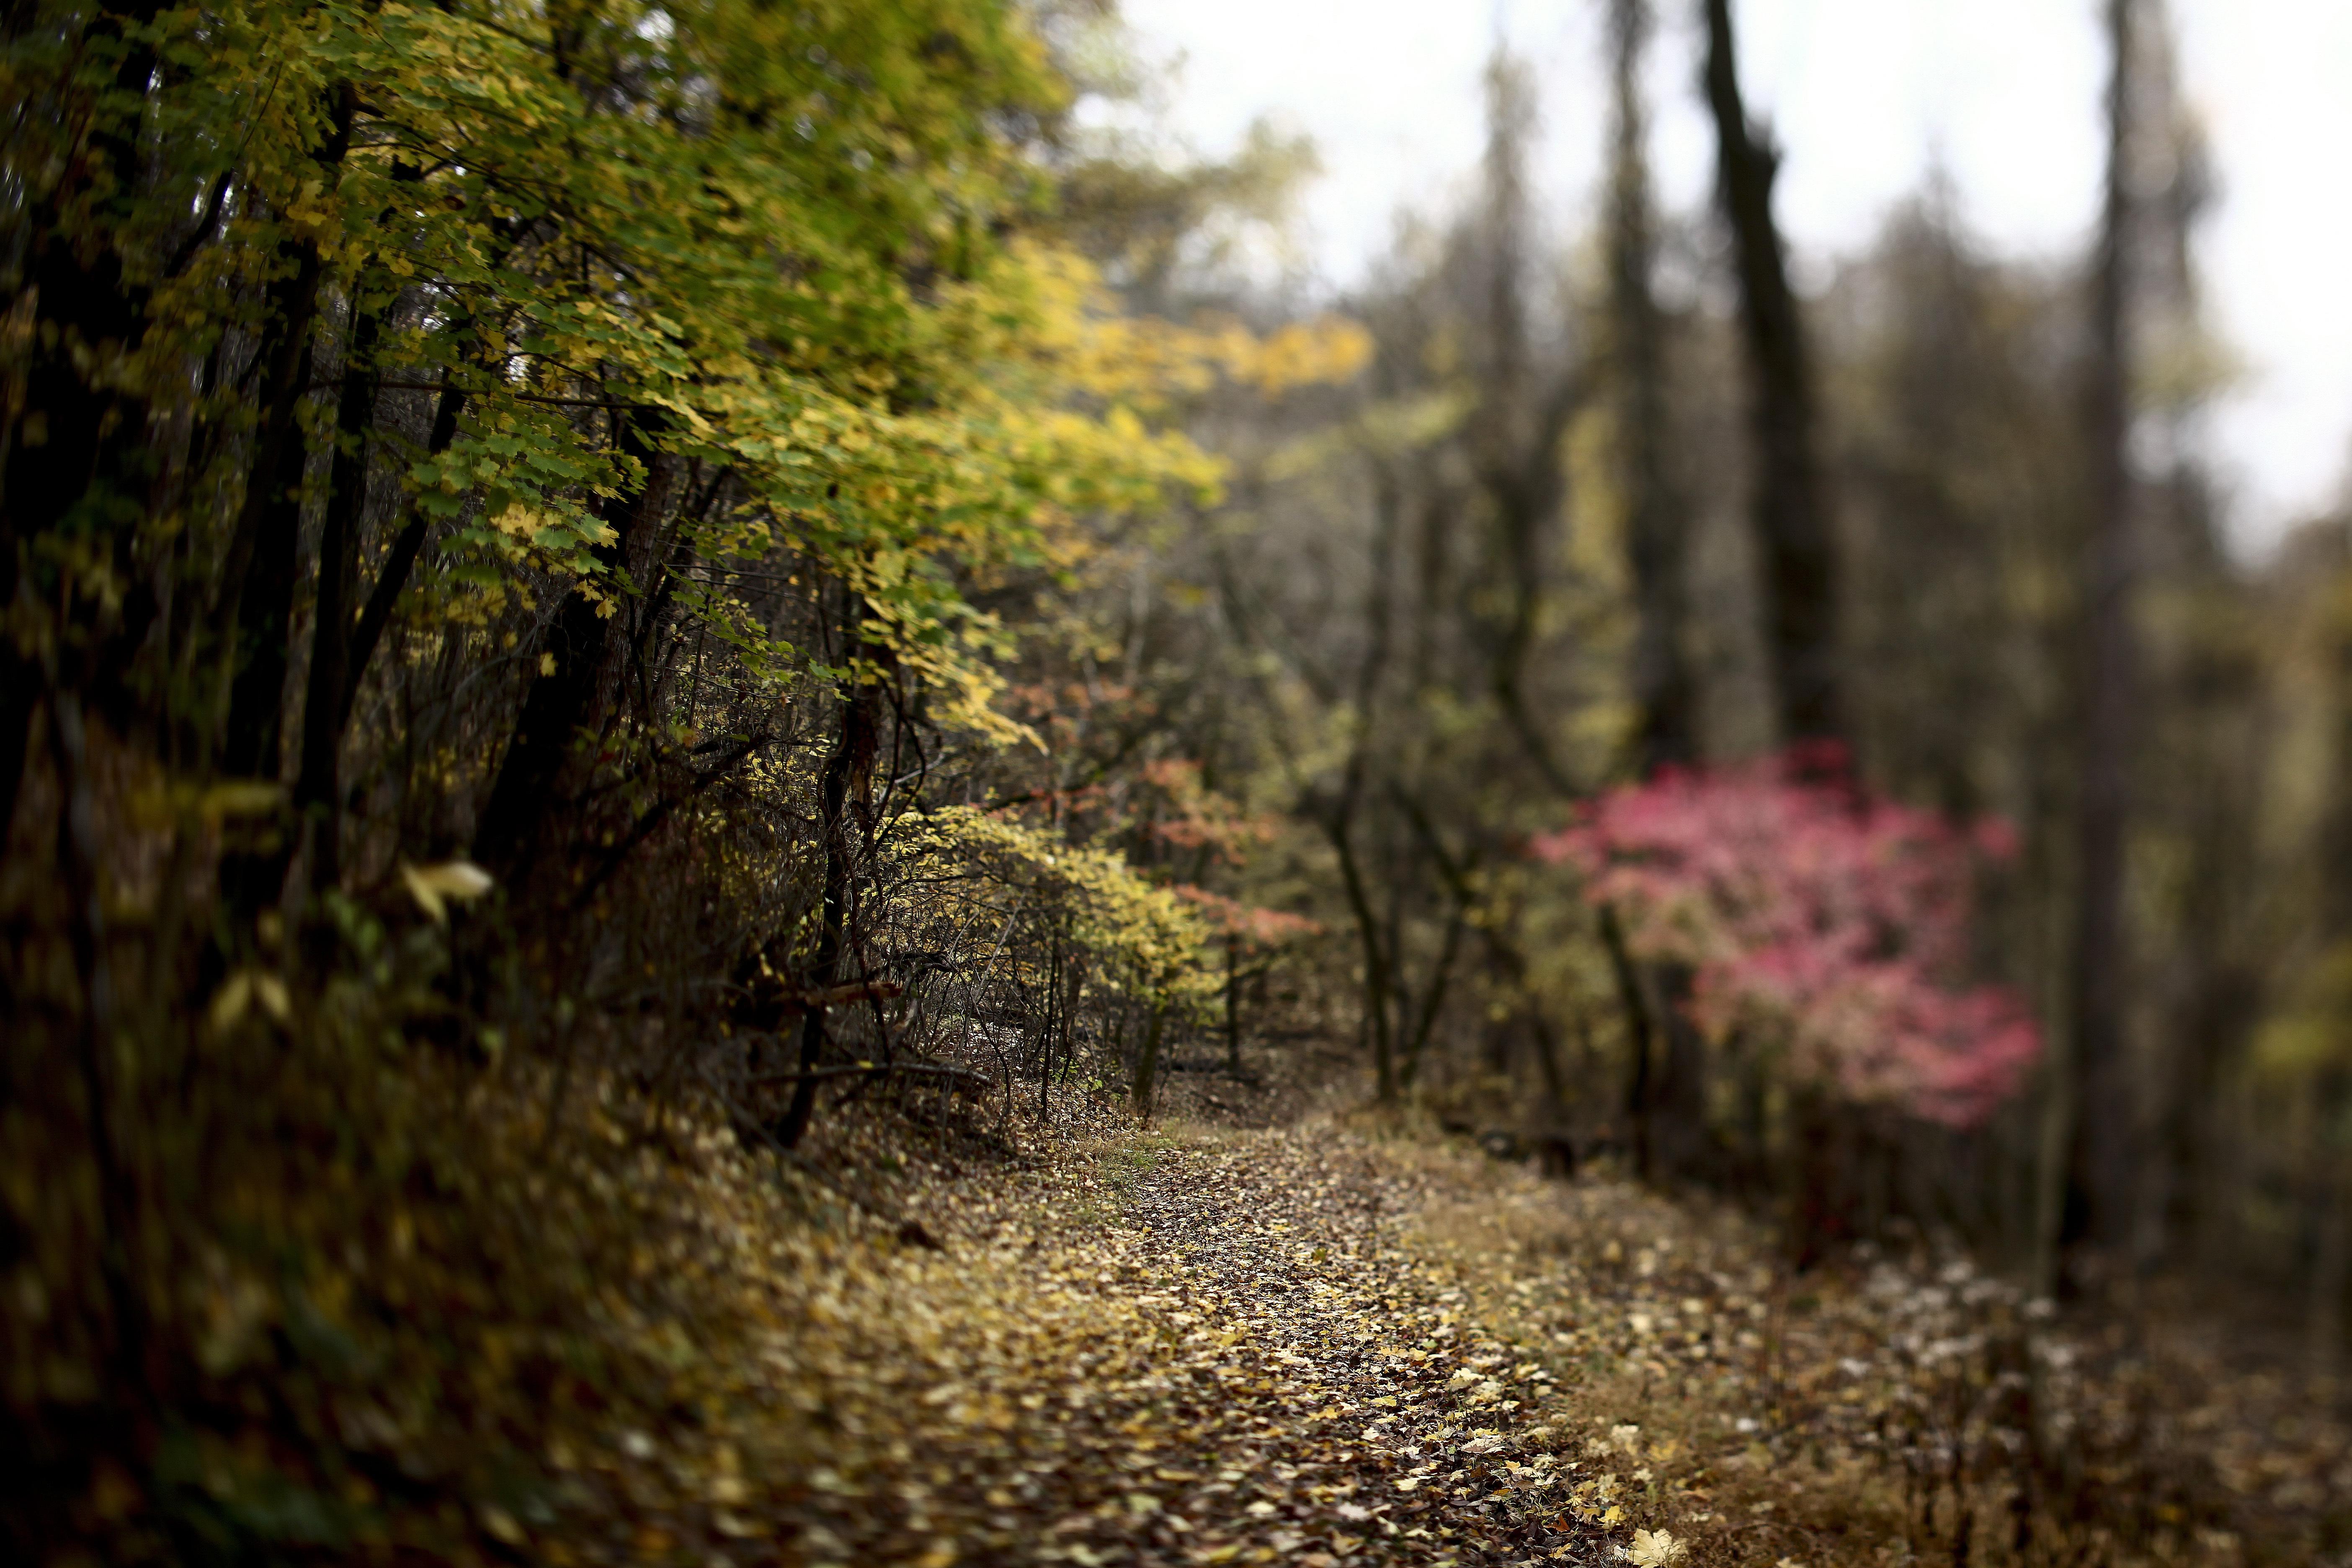 Картинка: Лес, деревья, листья, осень, тропа, дорожка, размытость